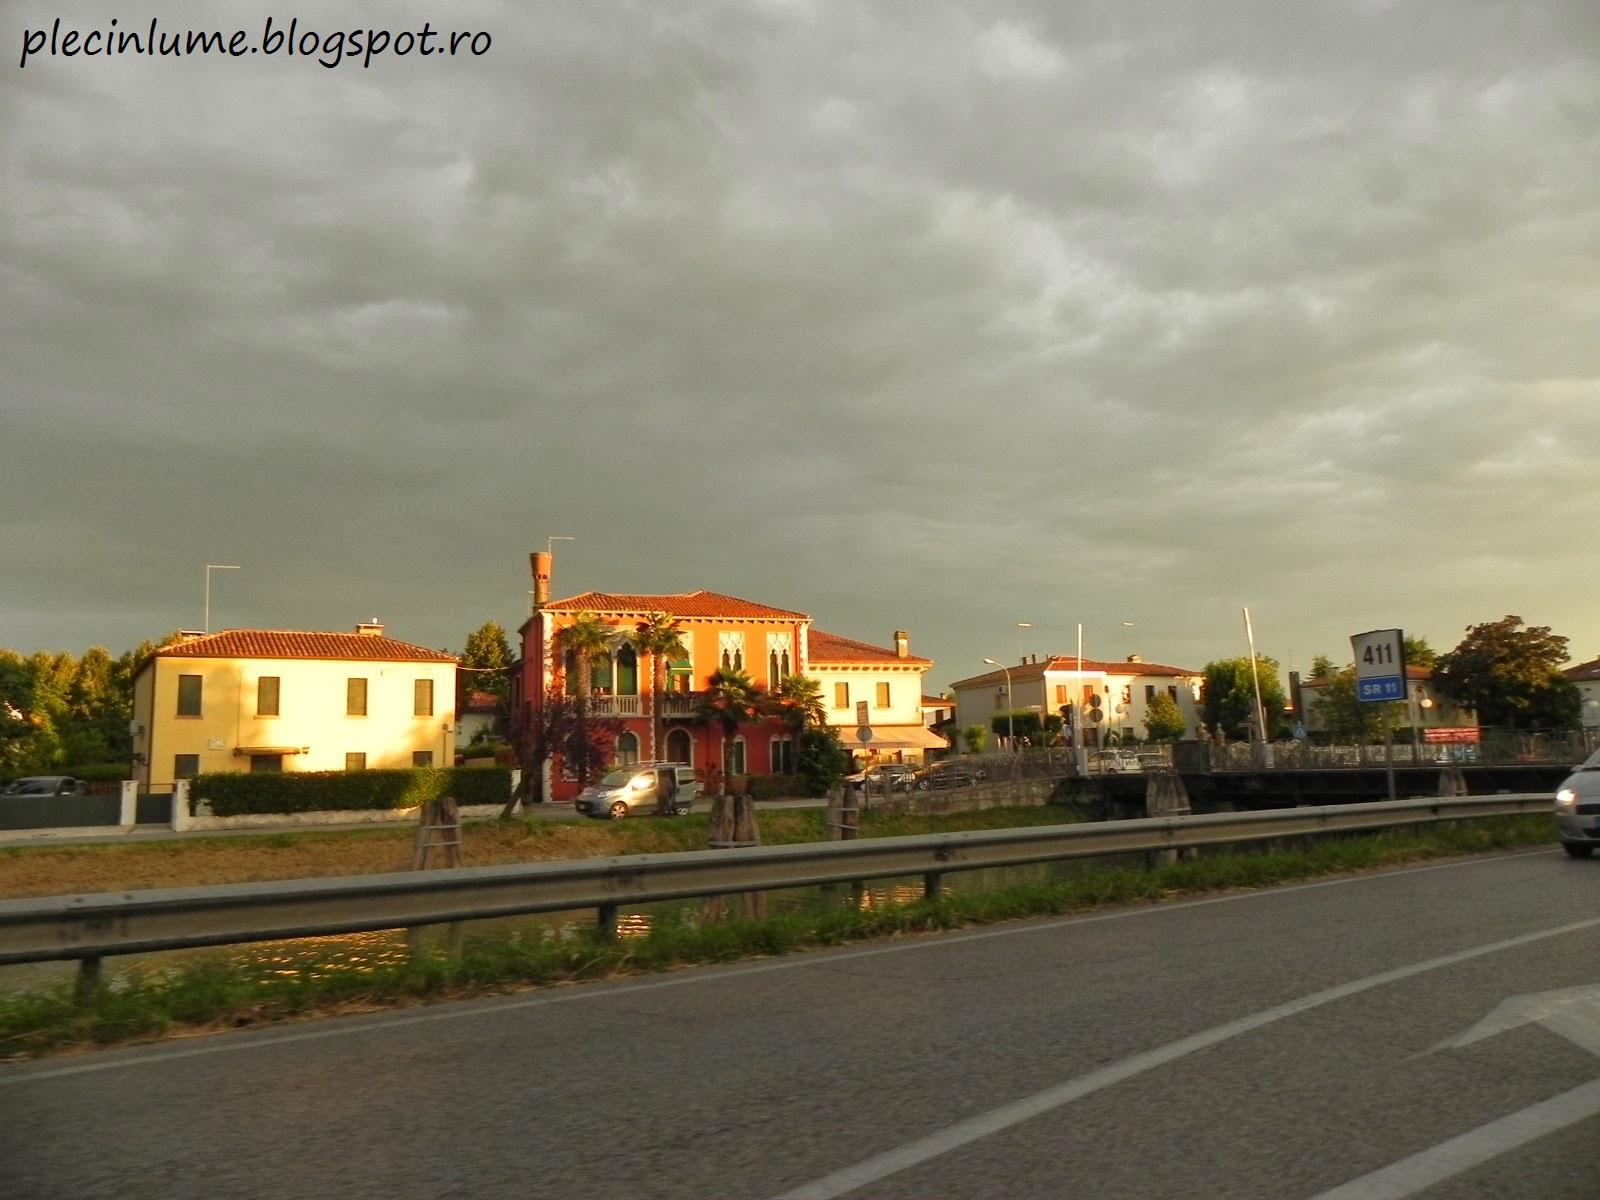 Intr-un sat din Italia, la apus